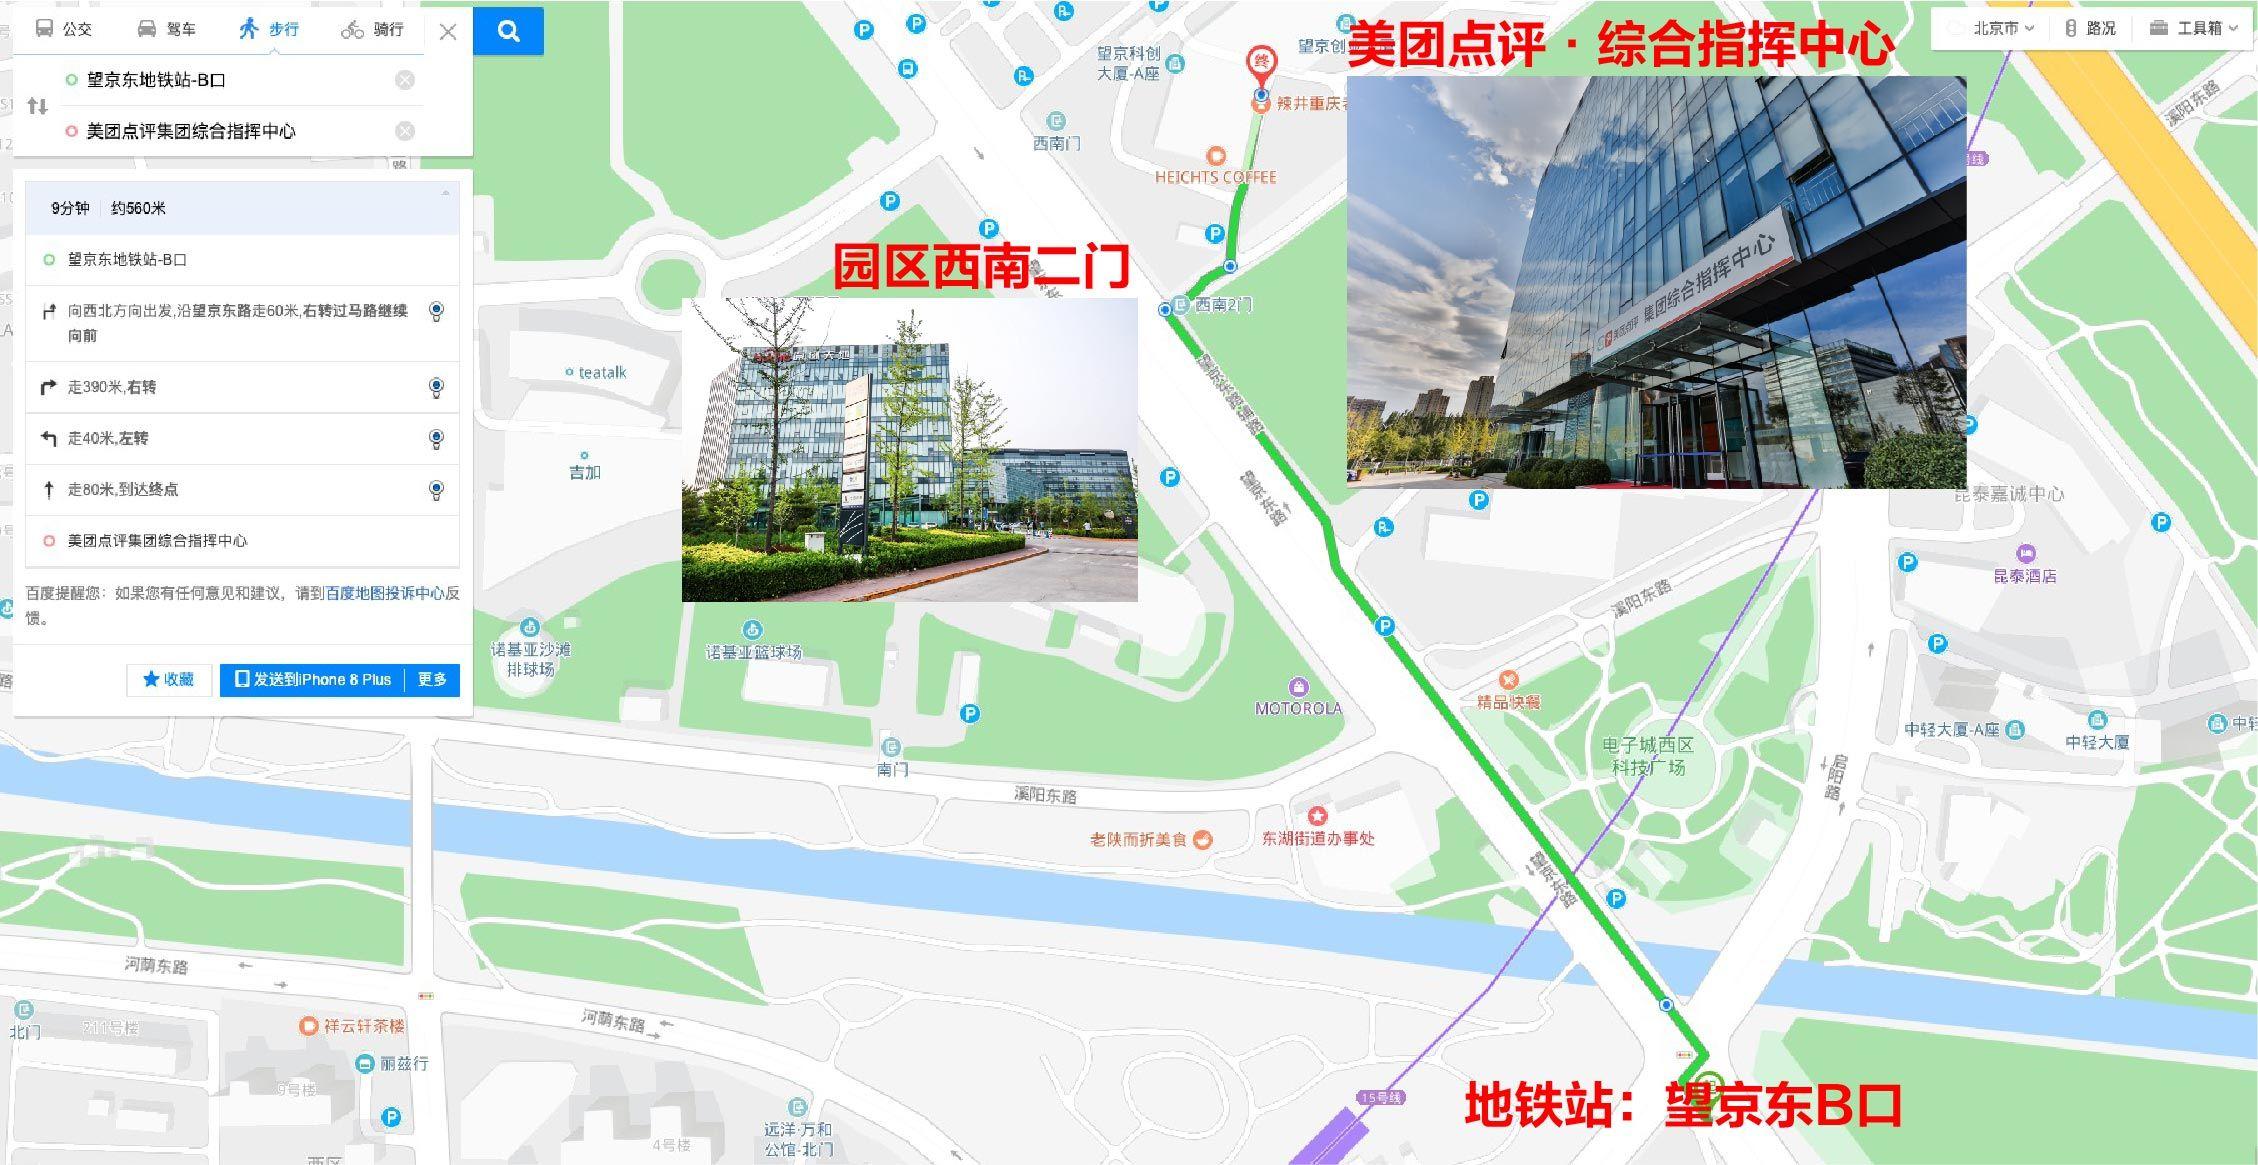 路线图新-01.jpg